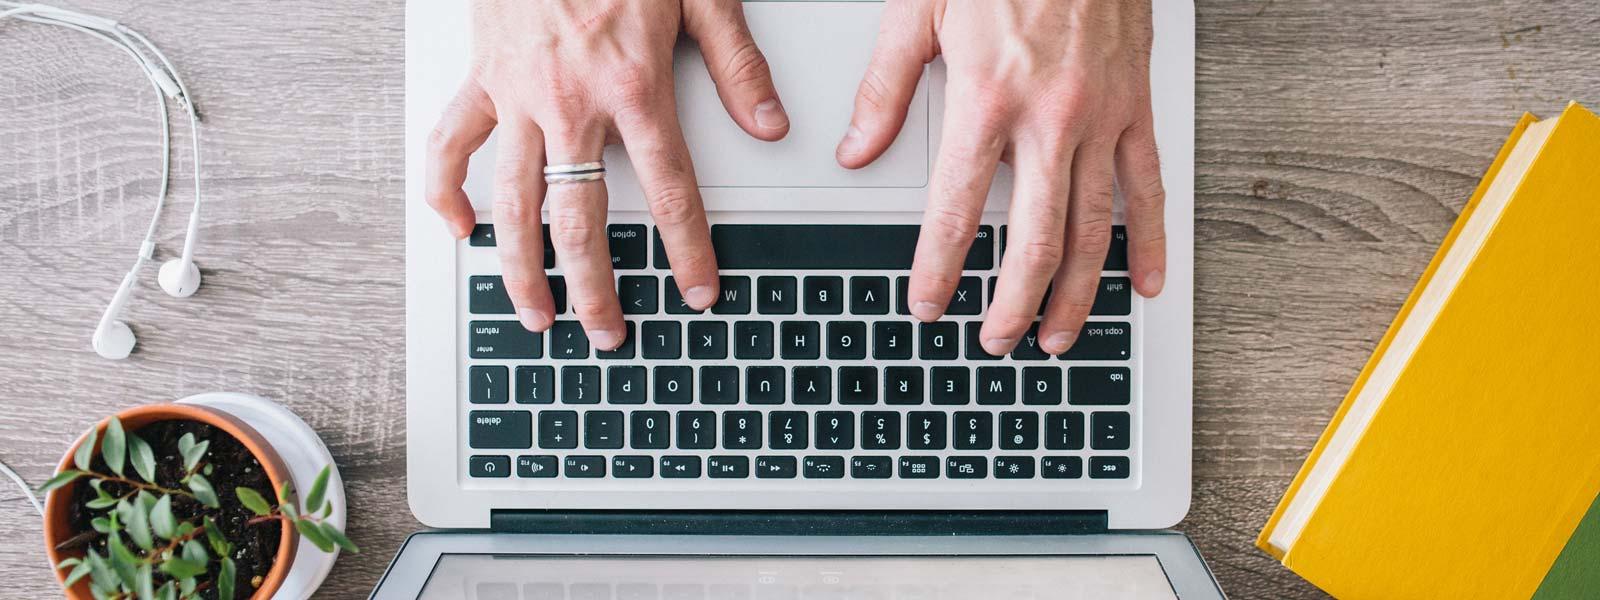 Entusiastisk og erfaren IOS udvikler søges